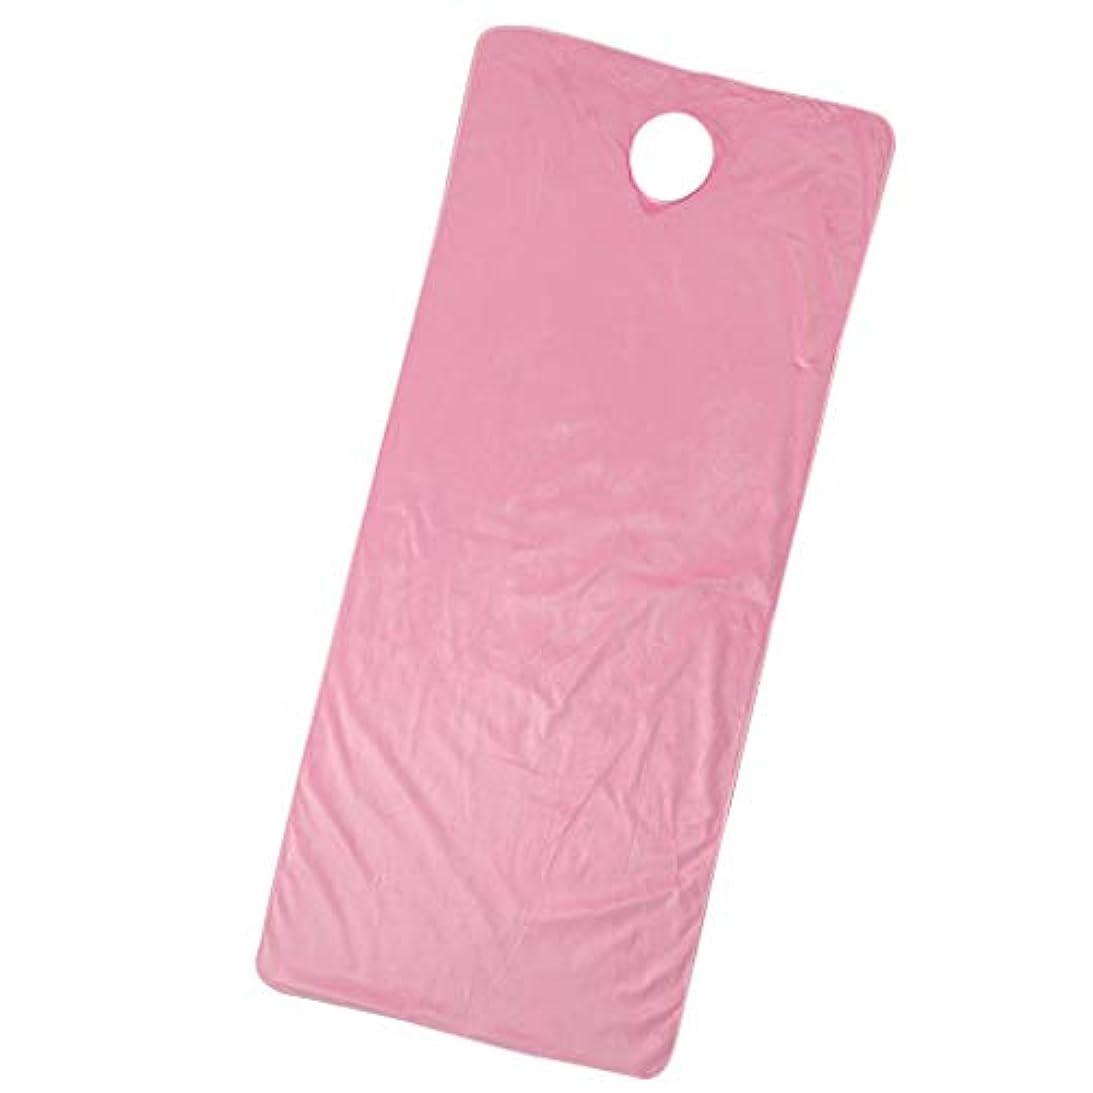 便利魅力厚さスパ マッサージベッドカバー 有孔 うつぶせ 美容ベッドカバー 快適 通気性